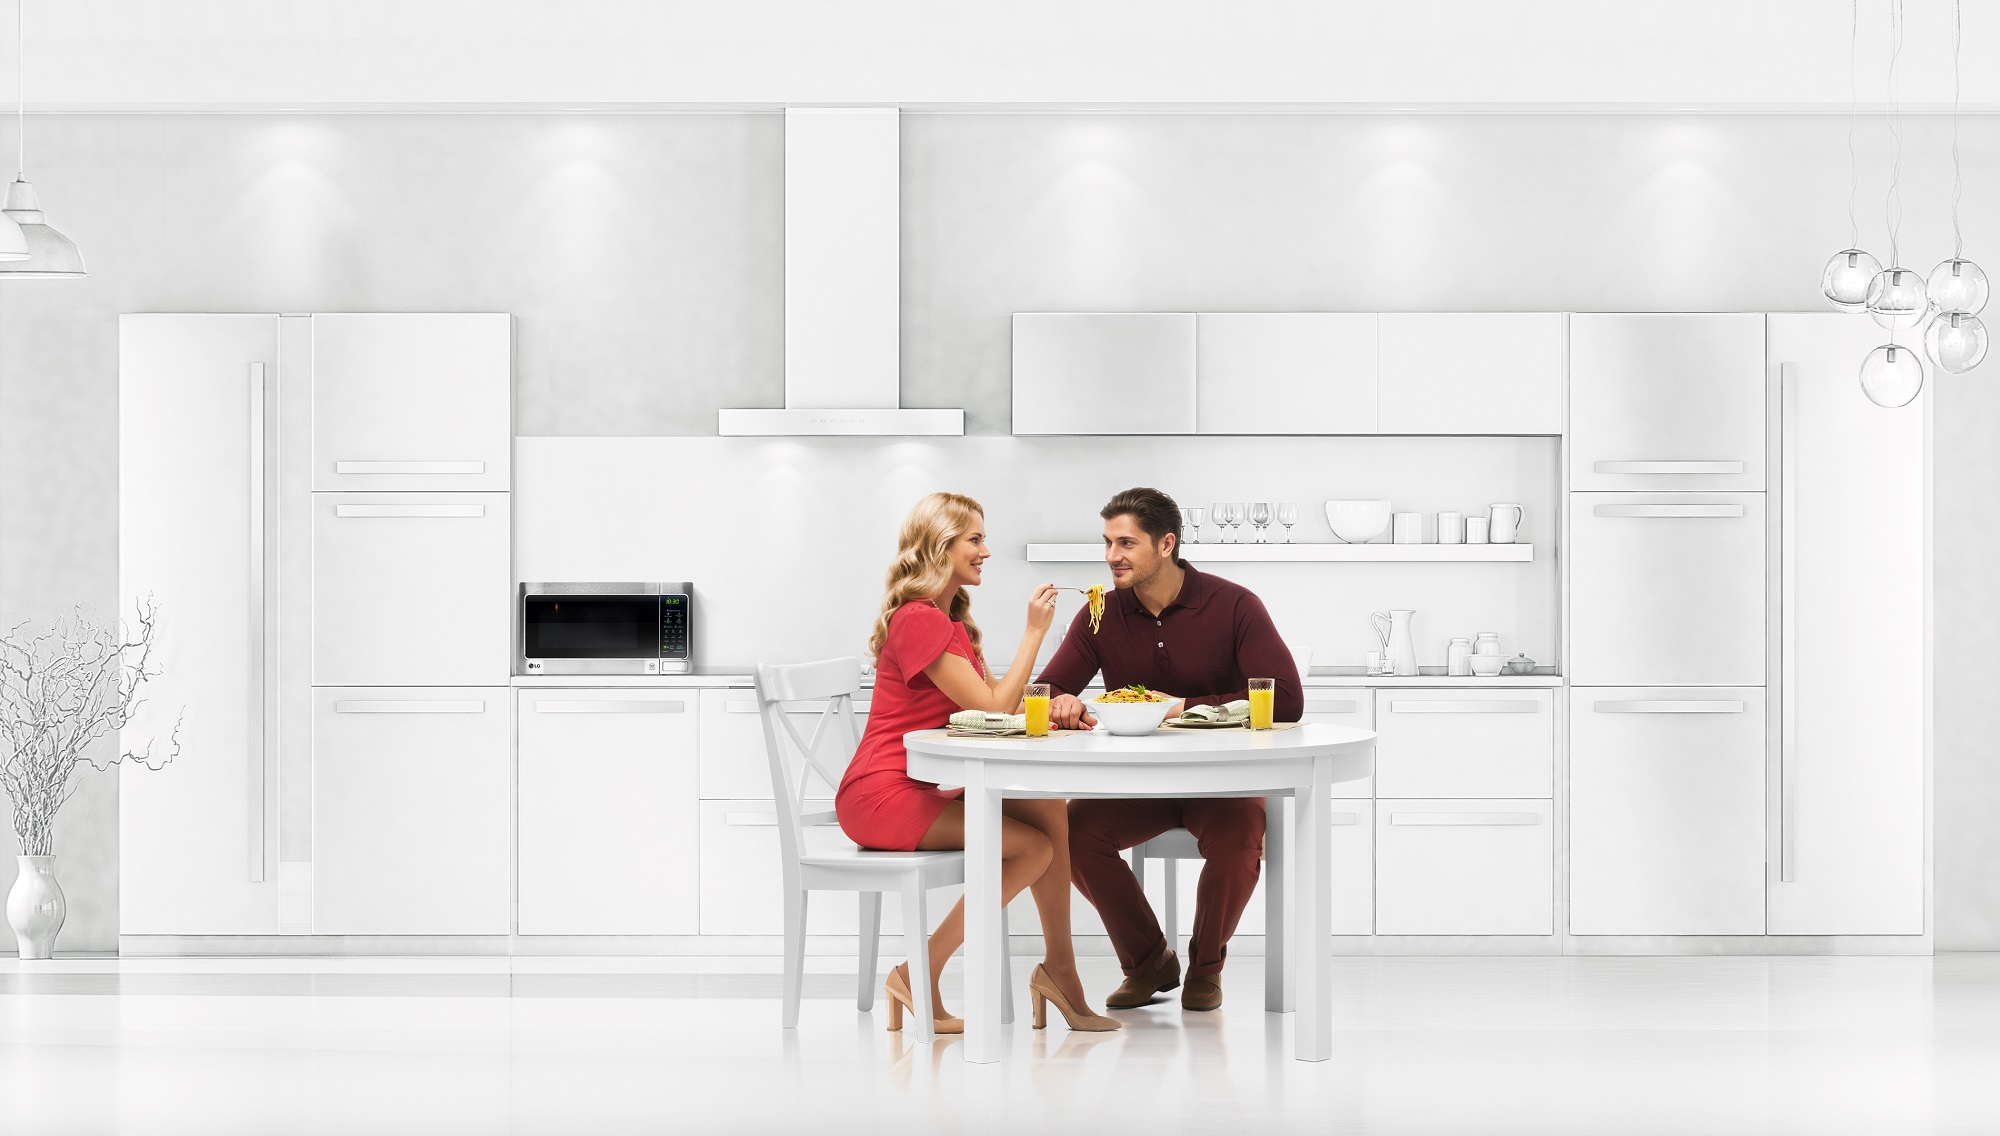 LG Electronics проводит кампанию «Невидимые технологии заботы»   галерея [1] фото [2]